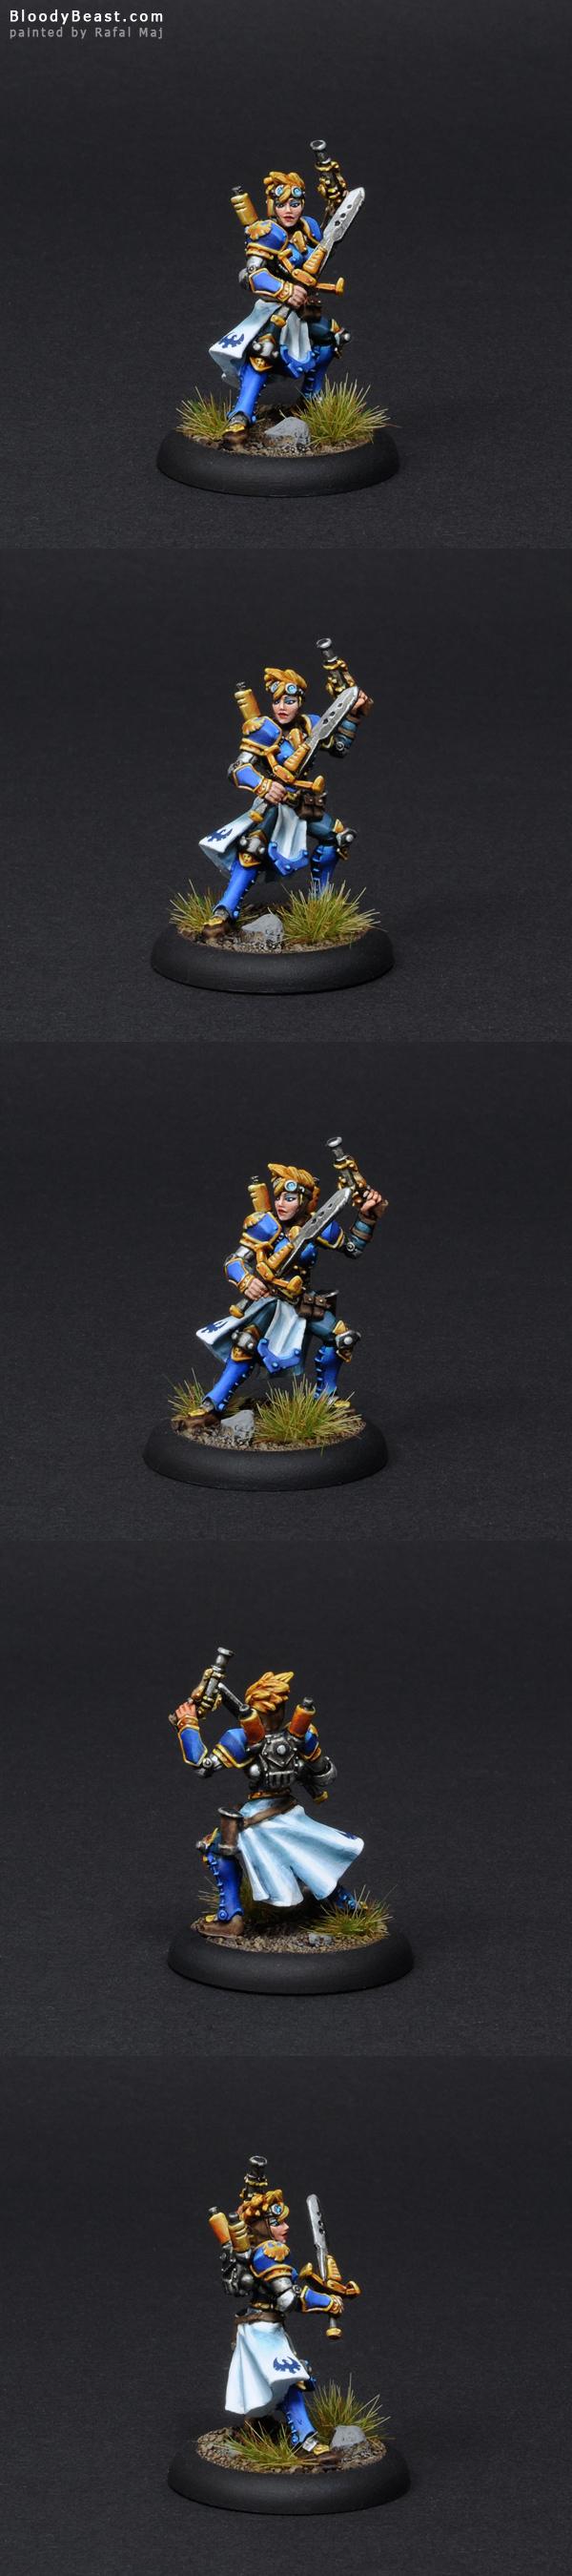 Cygnar Female Journeyman Warcaster painted by Rafal Maj (BloodyBeast.com)